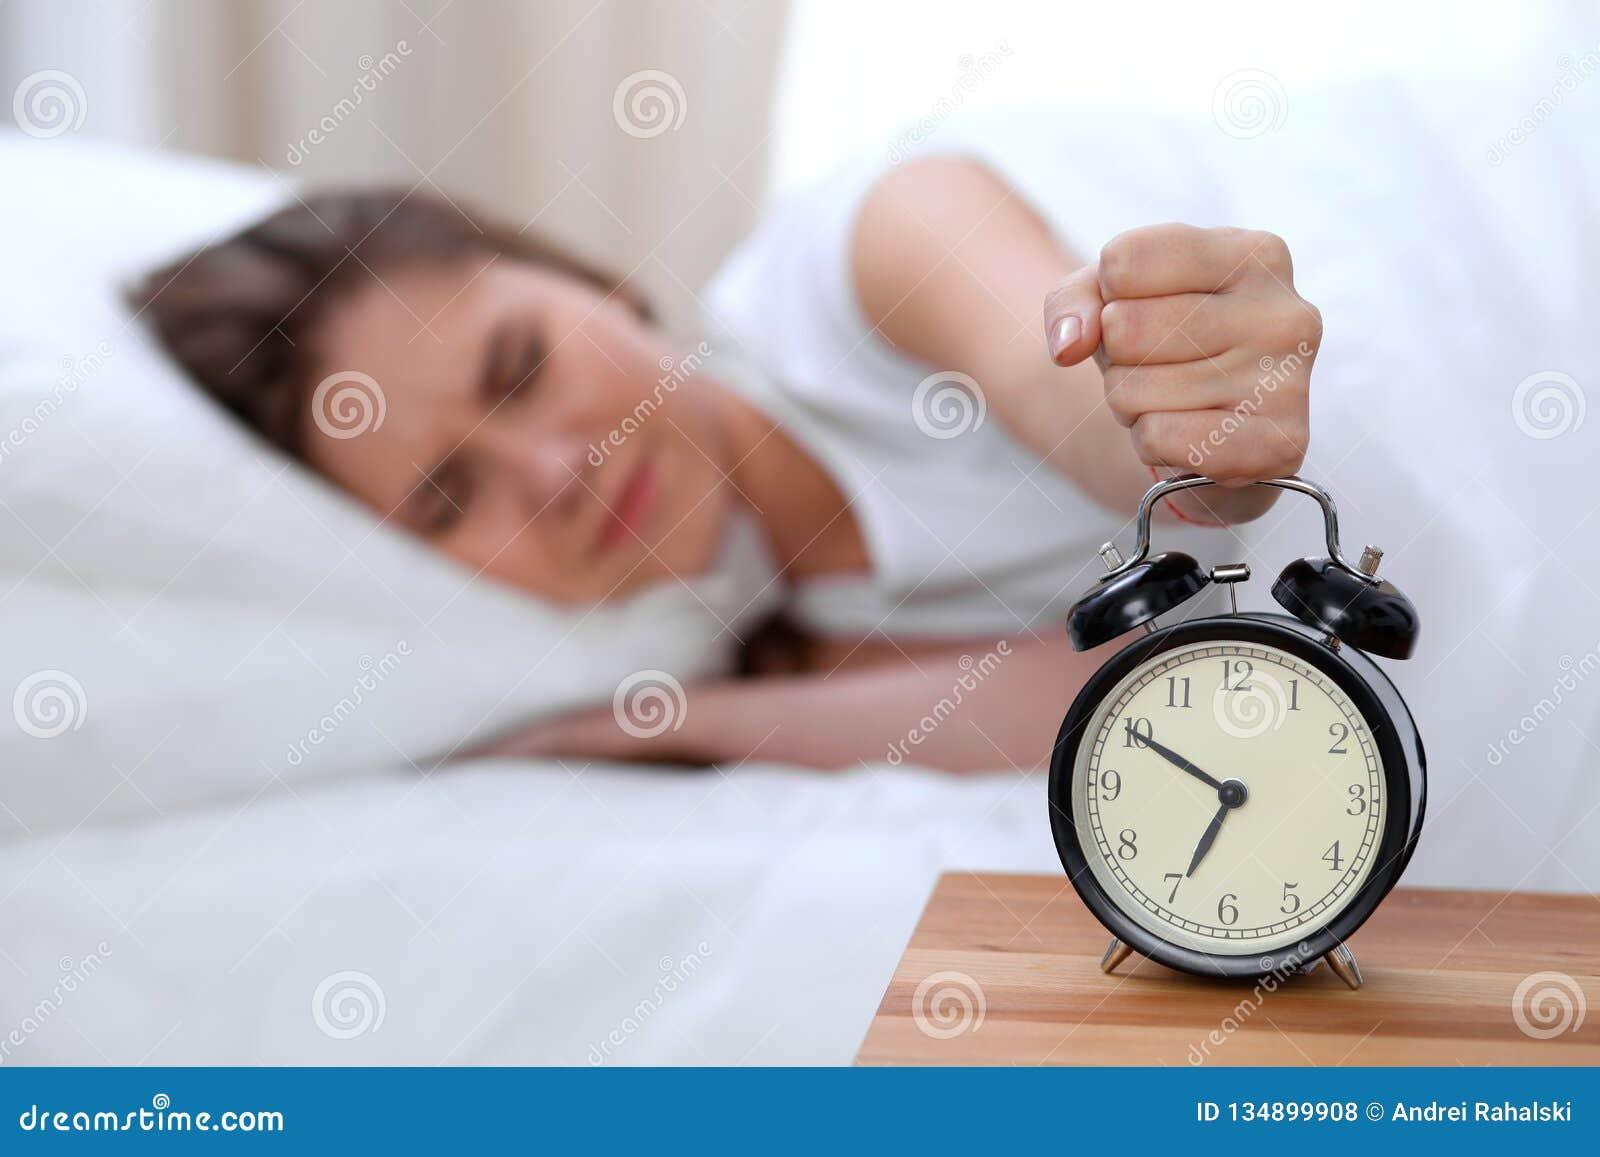 El contrario del despertador de la mujer joven soñolienta que estira la mano a querer de sonido de la alarma lo apaga Despierte t